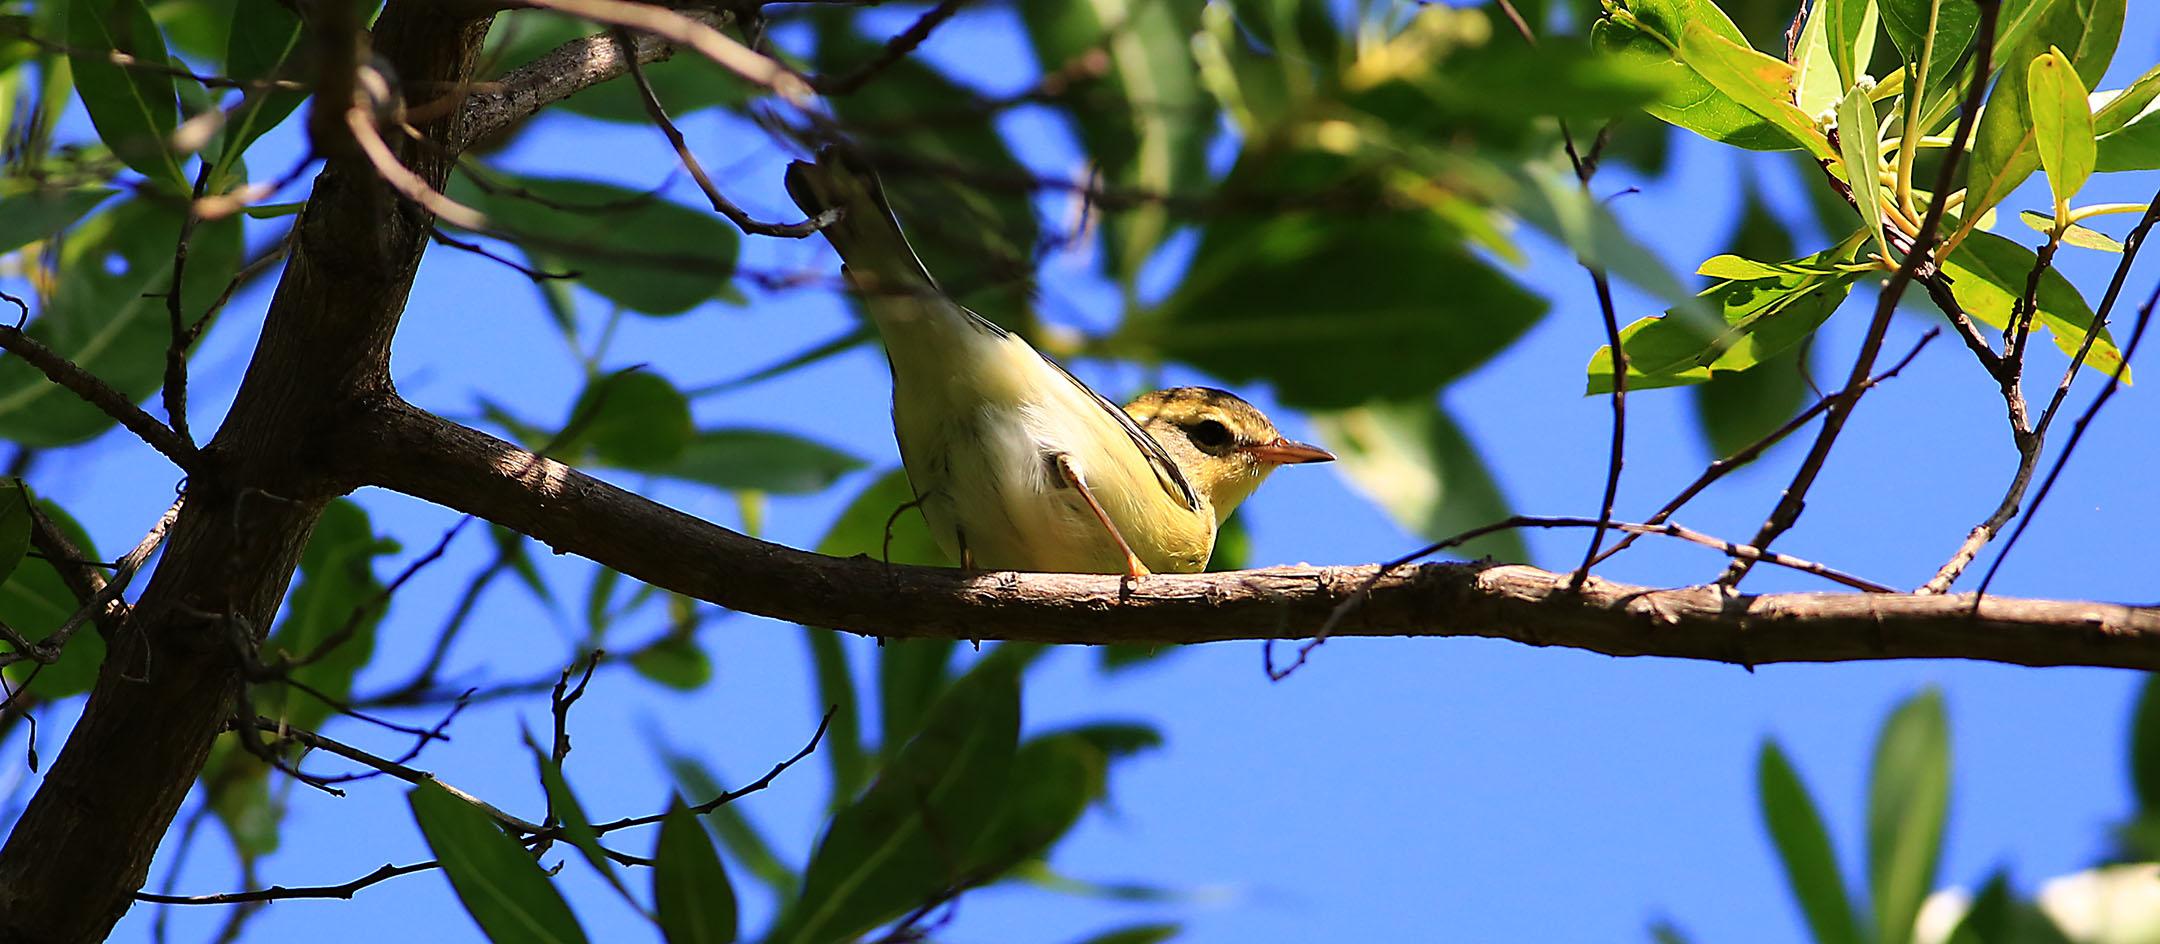 Big Flights Of Song Birds Over The Keys Radar Ground